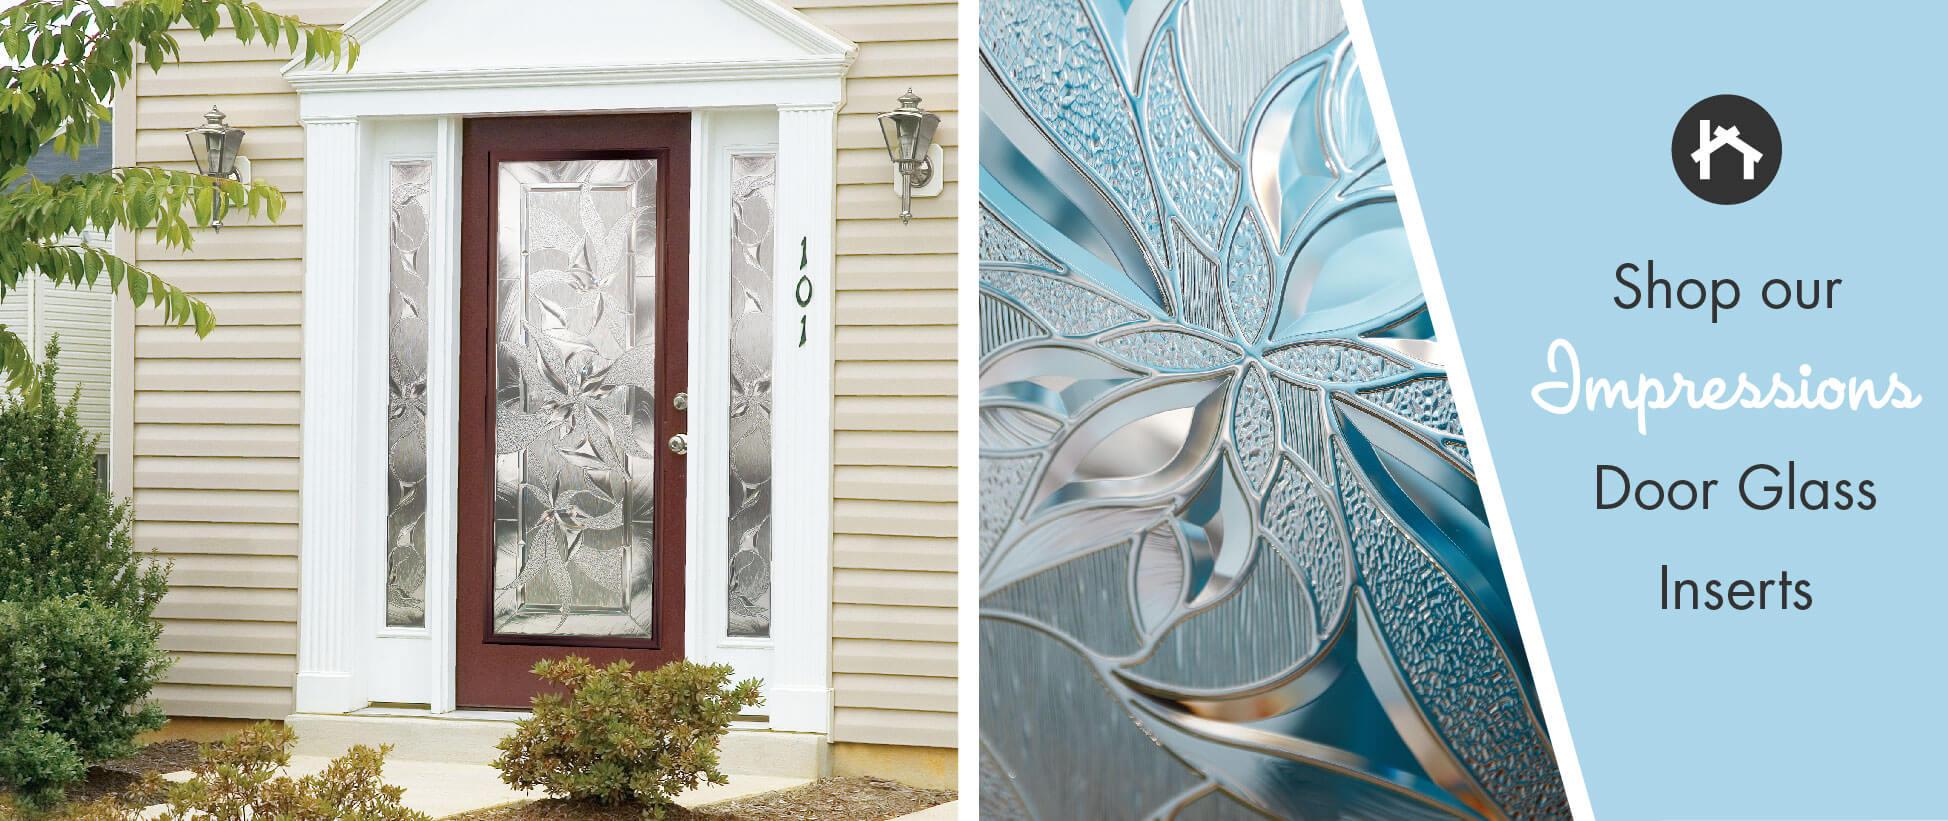 Silkscreen Floral Door Glass Inserts Odl Impressions Zabitat